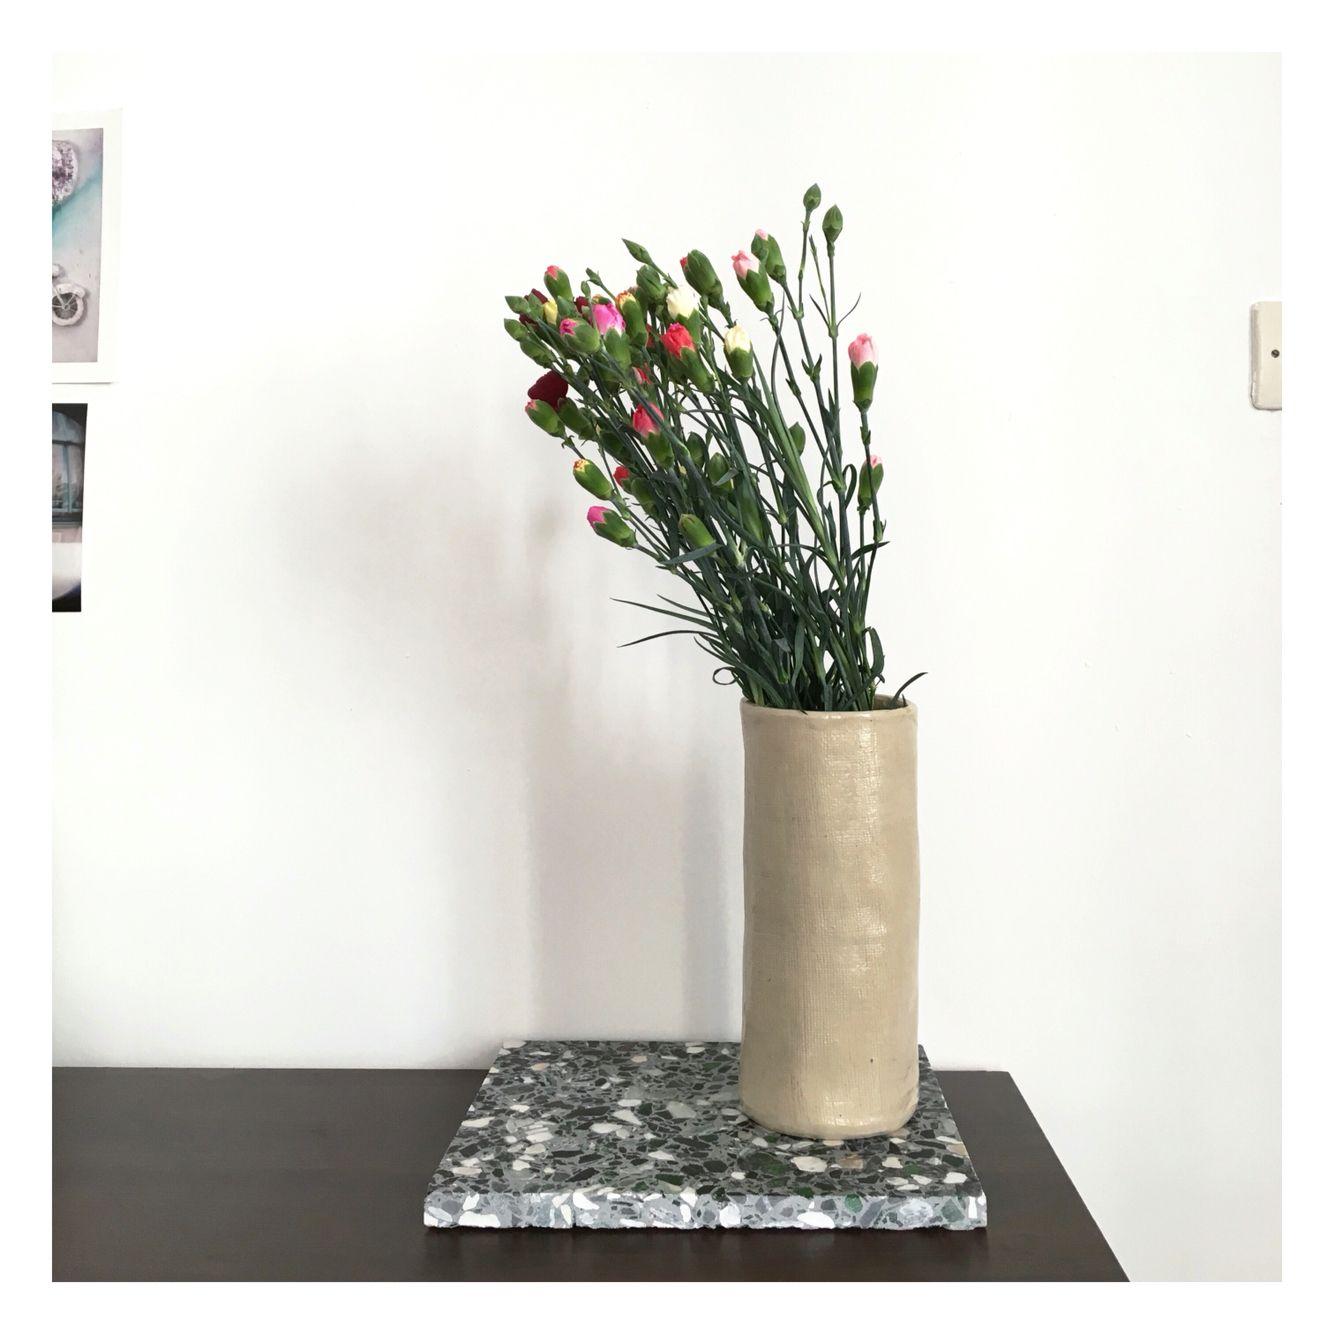 Vase 1 - Julie bdt